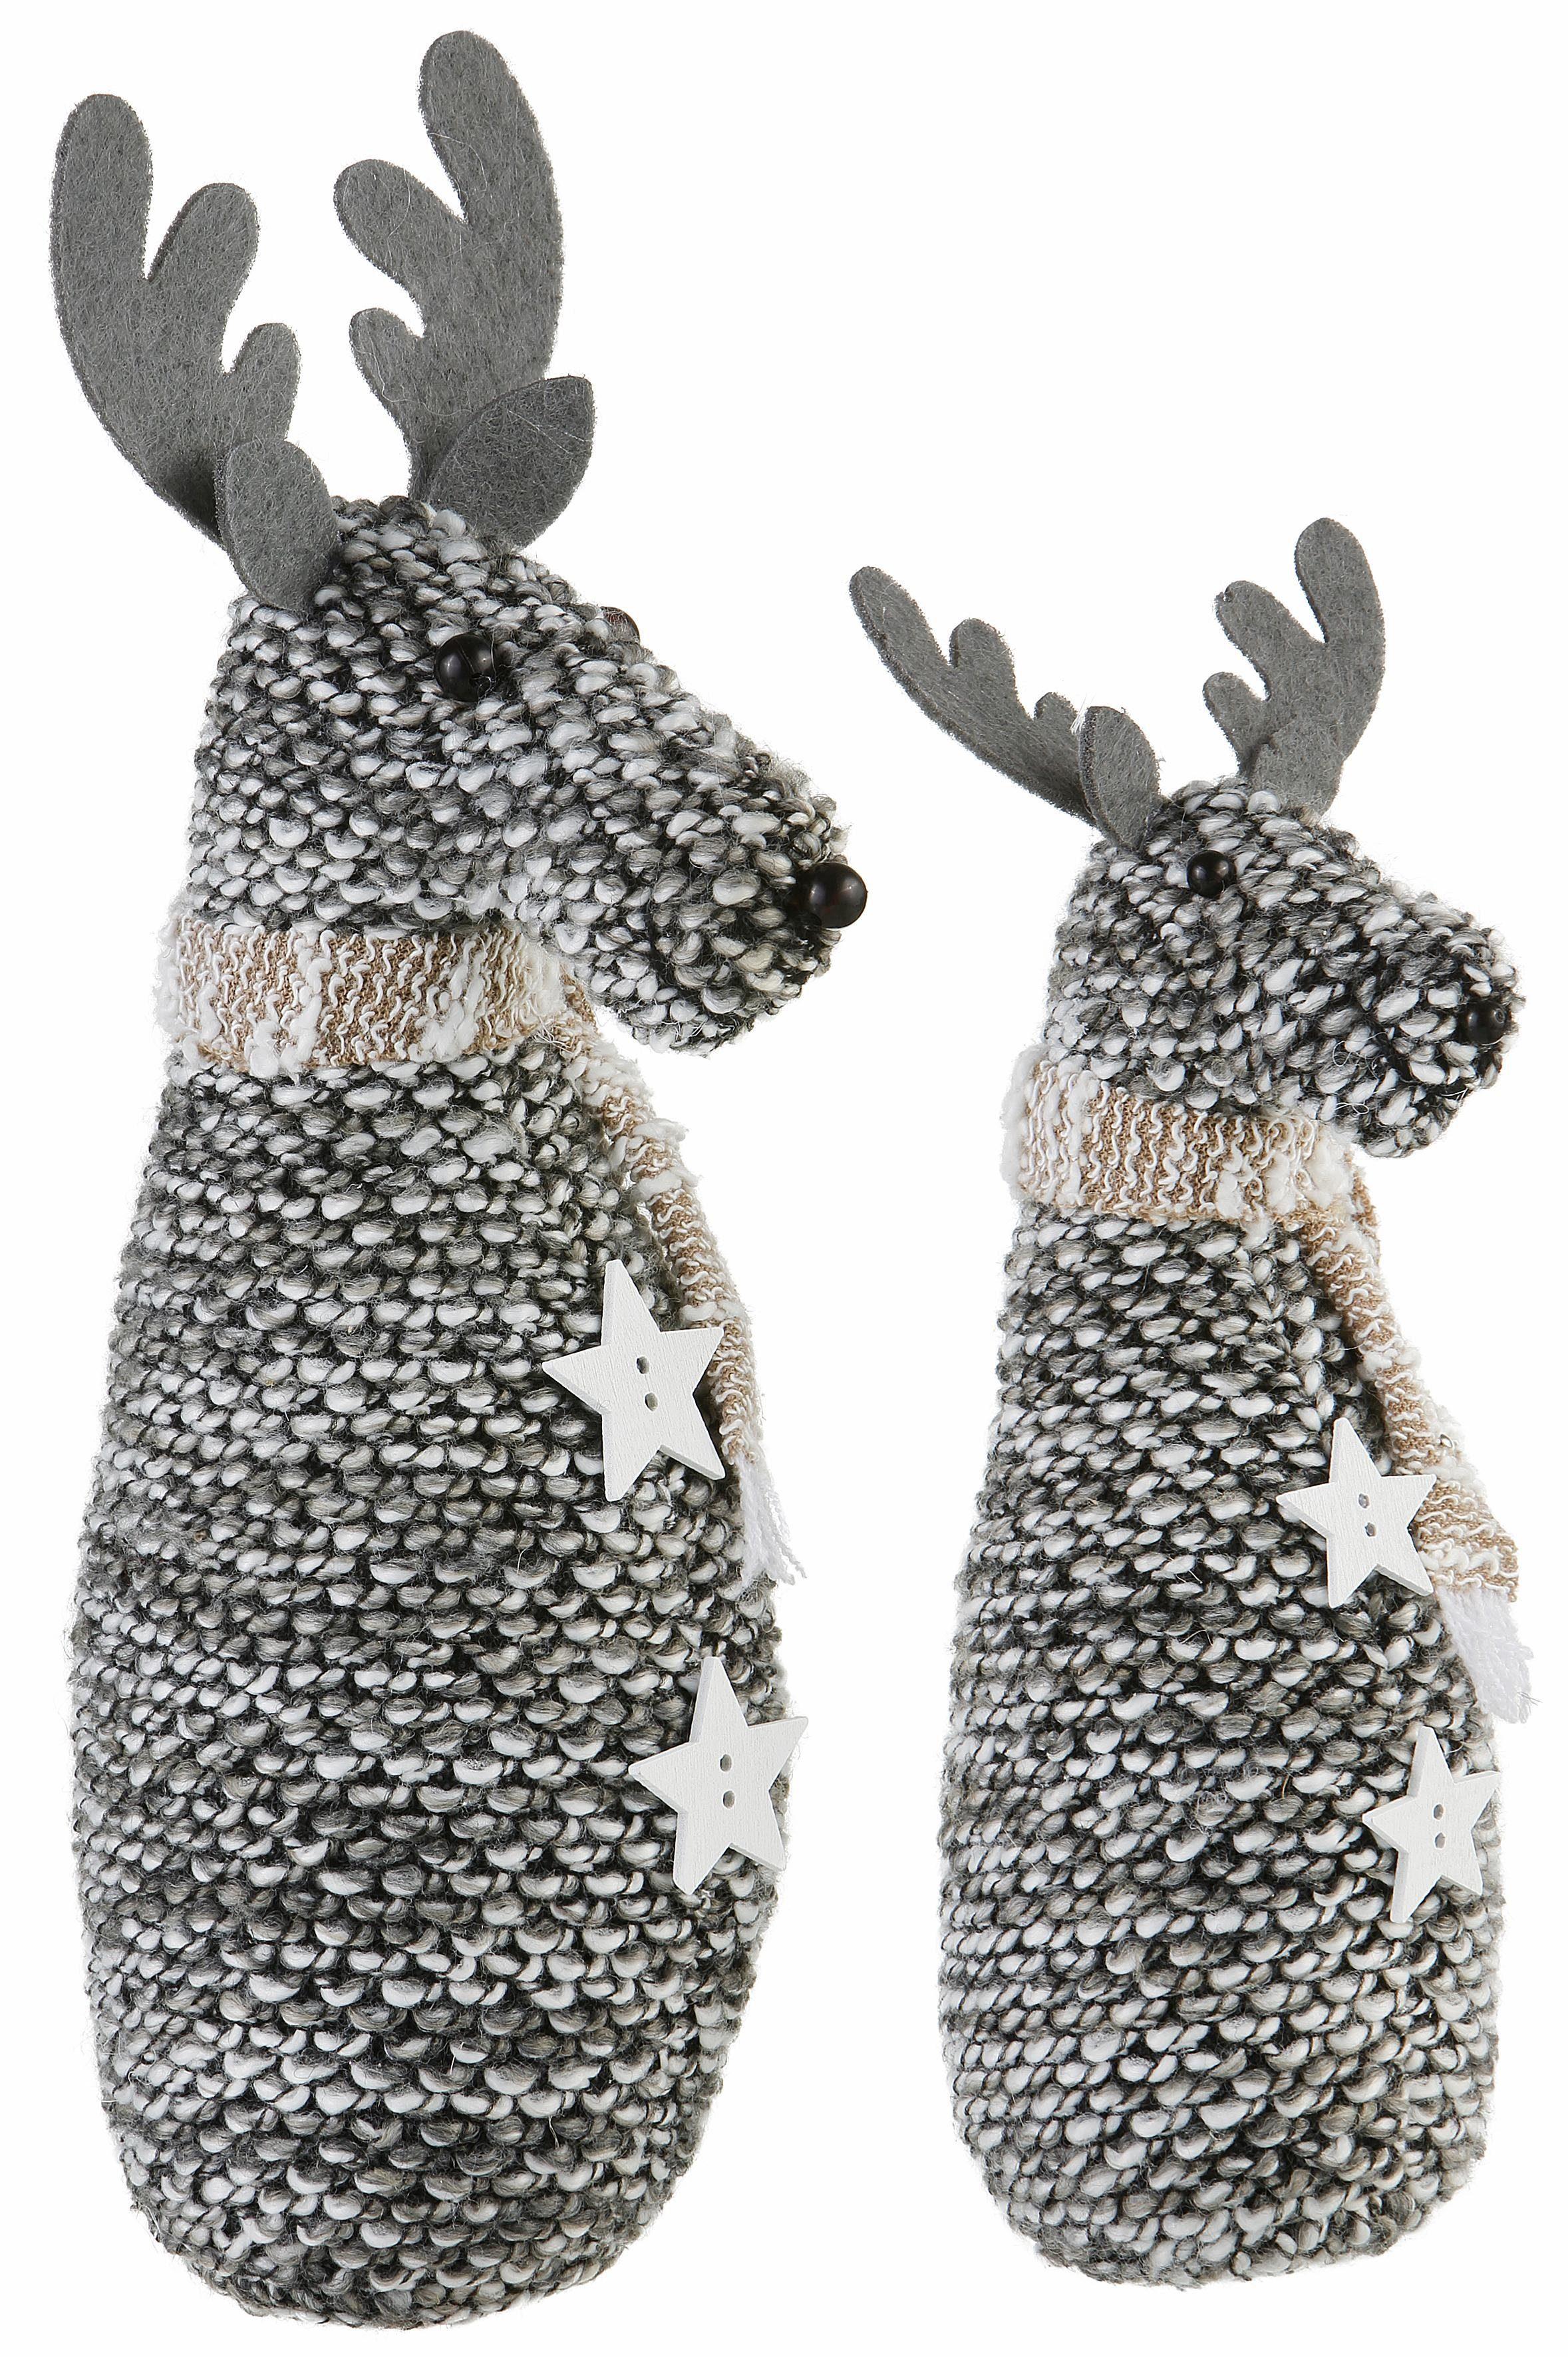 Deko-Figuren, 2-teilig, » Hirsch«